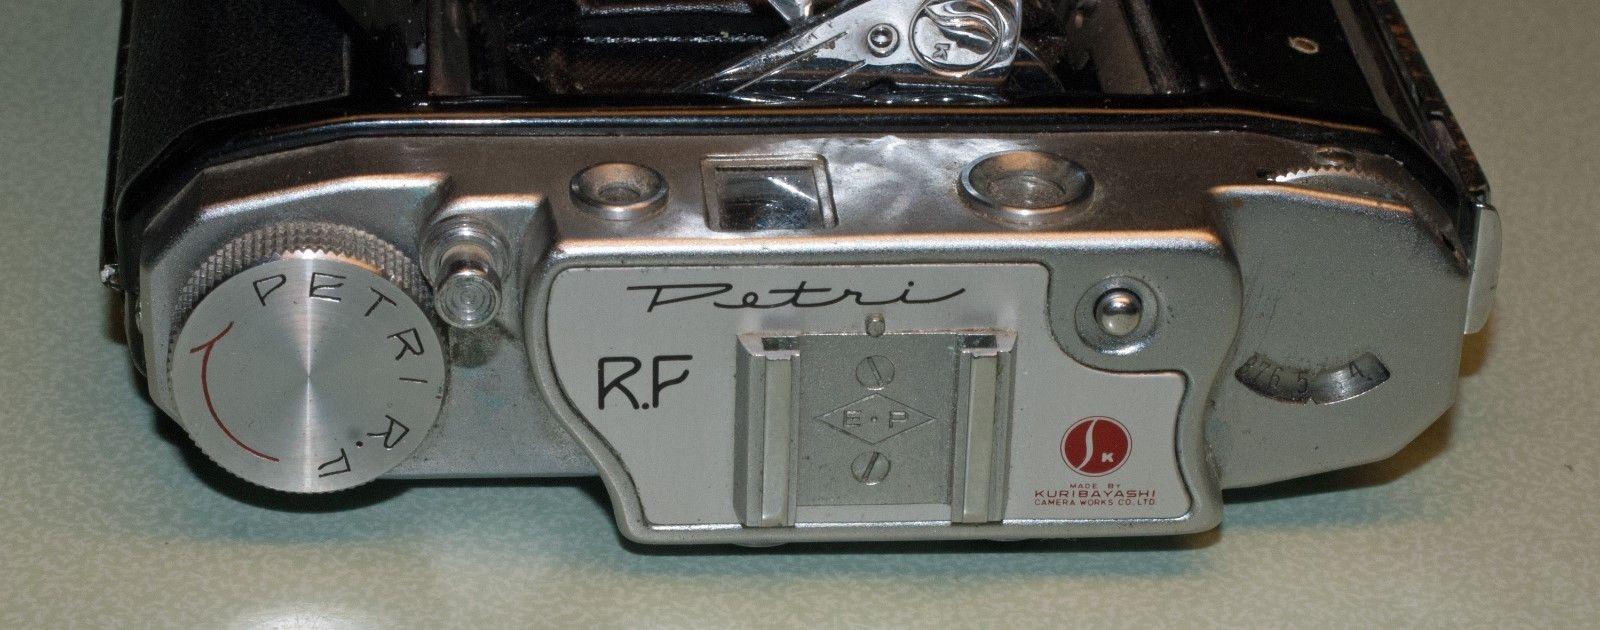 Petri RF 120 film camera